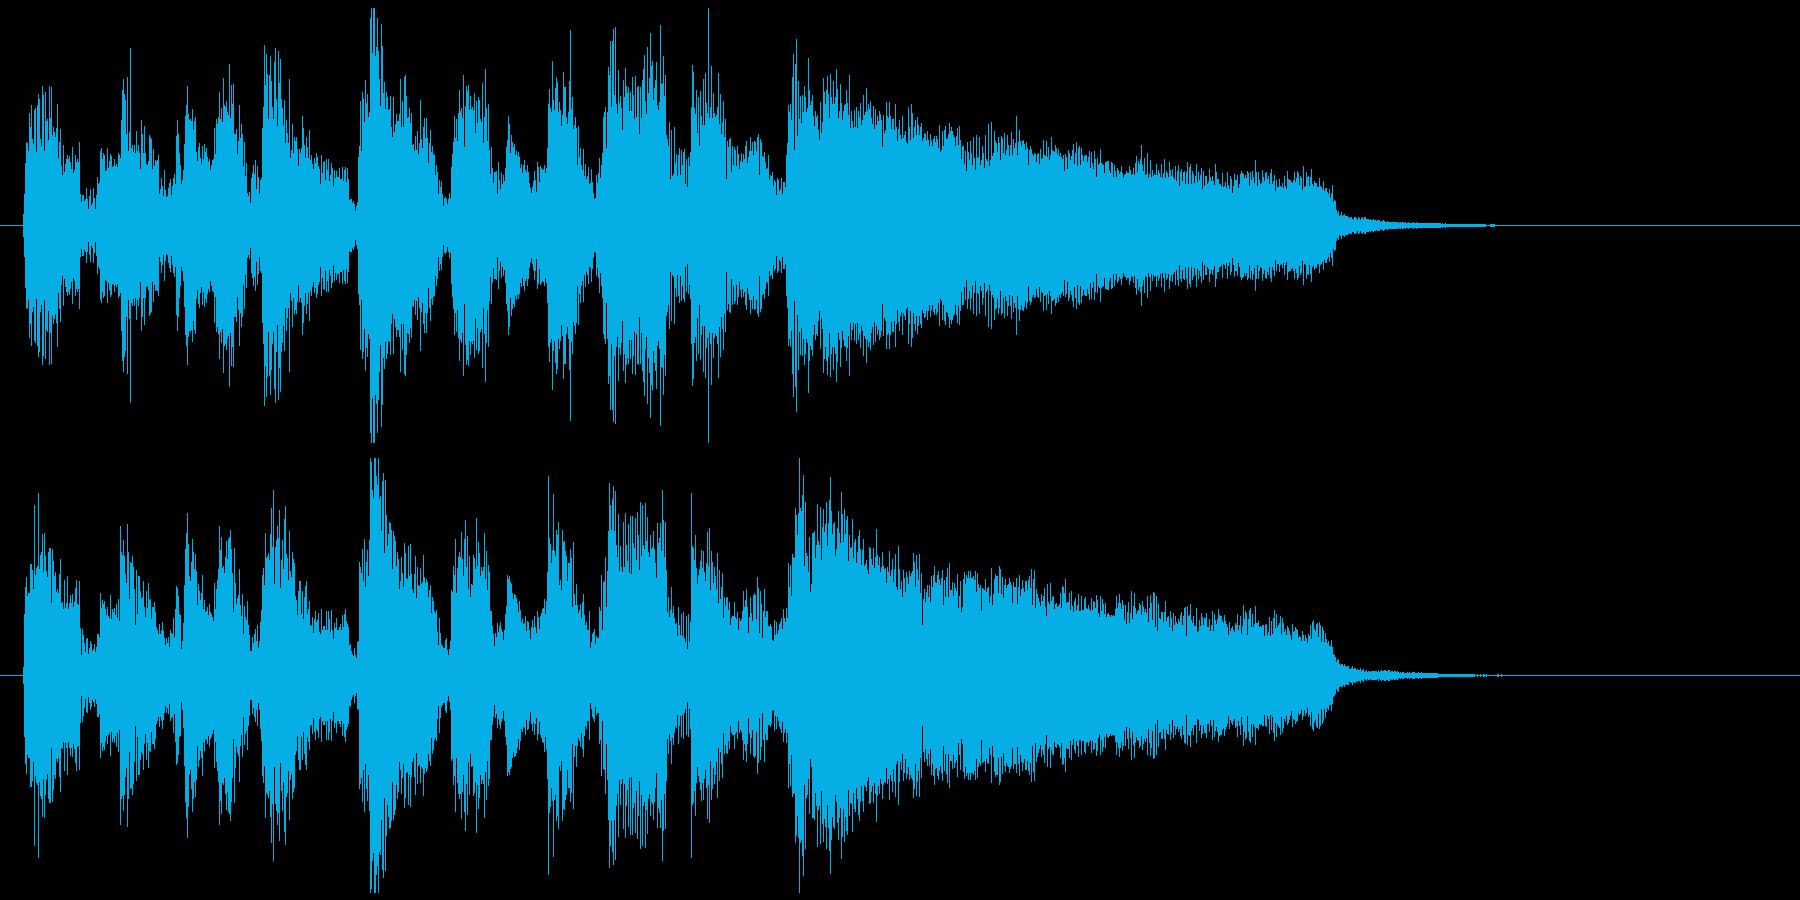 ボサノバ、お洒落な場面転換系アイキャッチの再生済みの波形